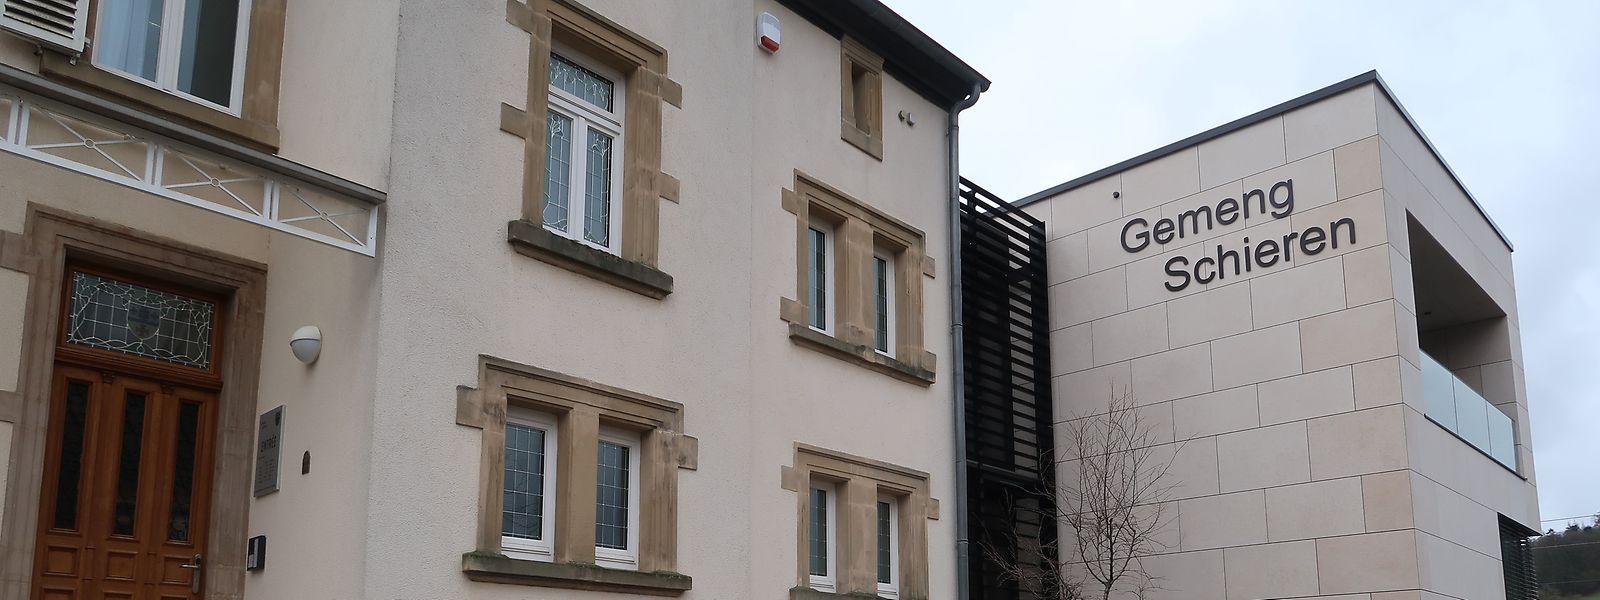 Im Schierener Gemeindehaus hat nun ein fast komplett neuer Schöffenrat das Sagen.